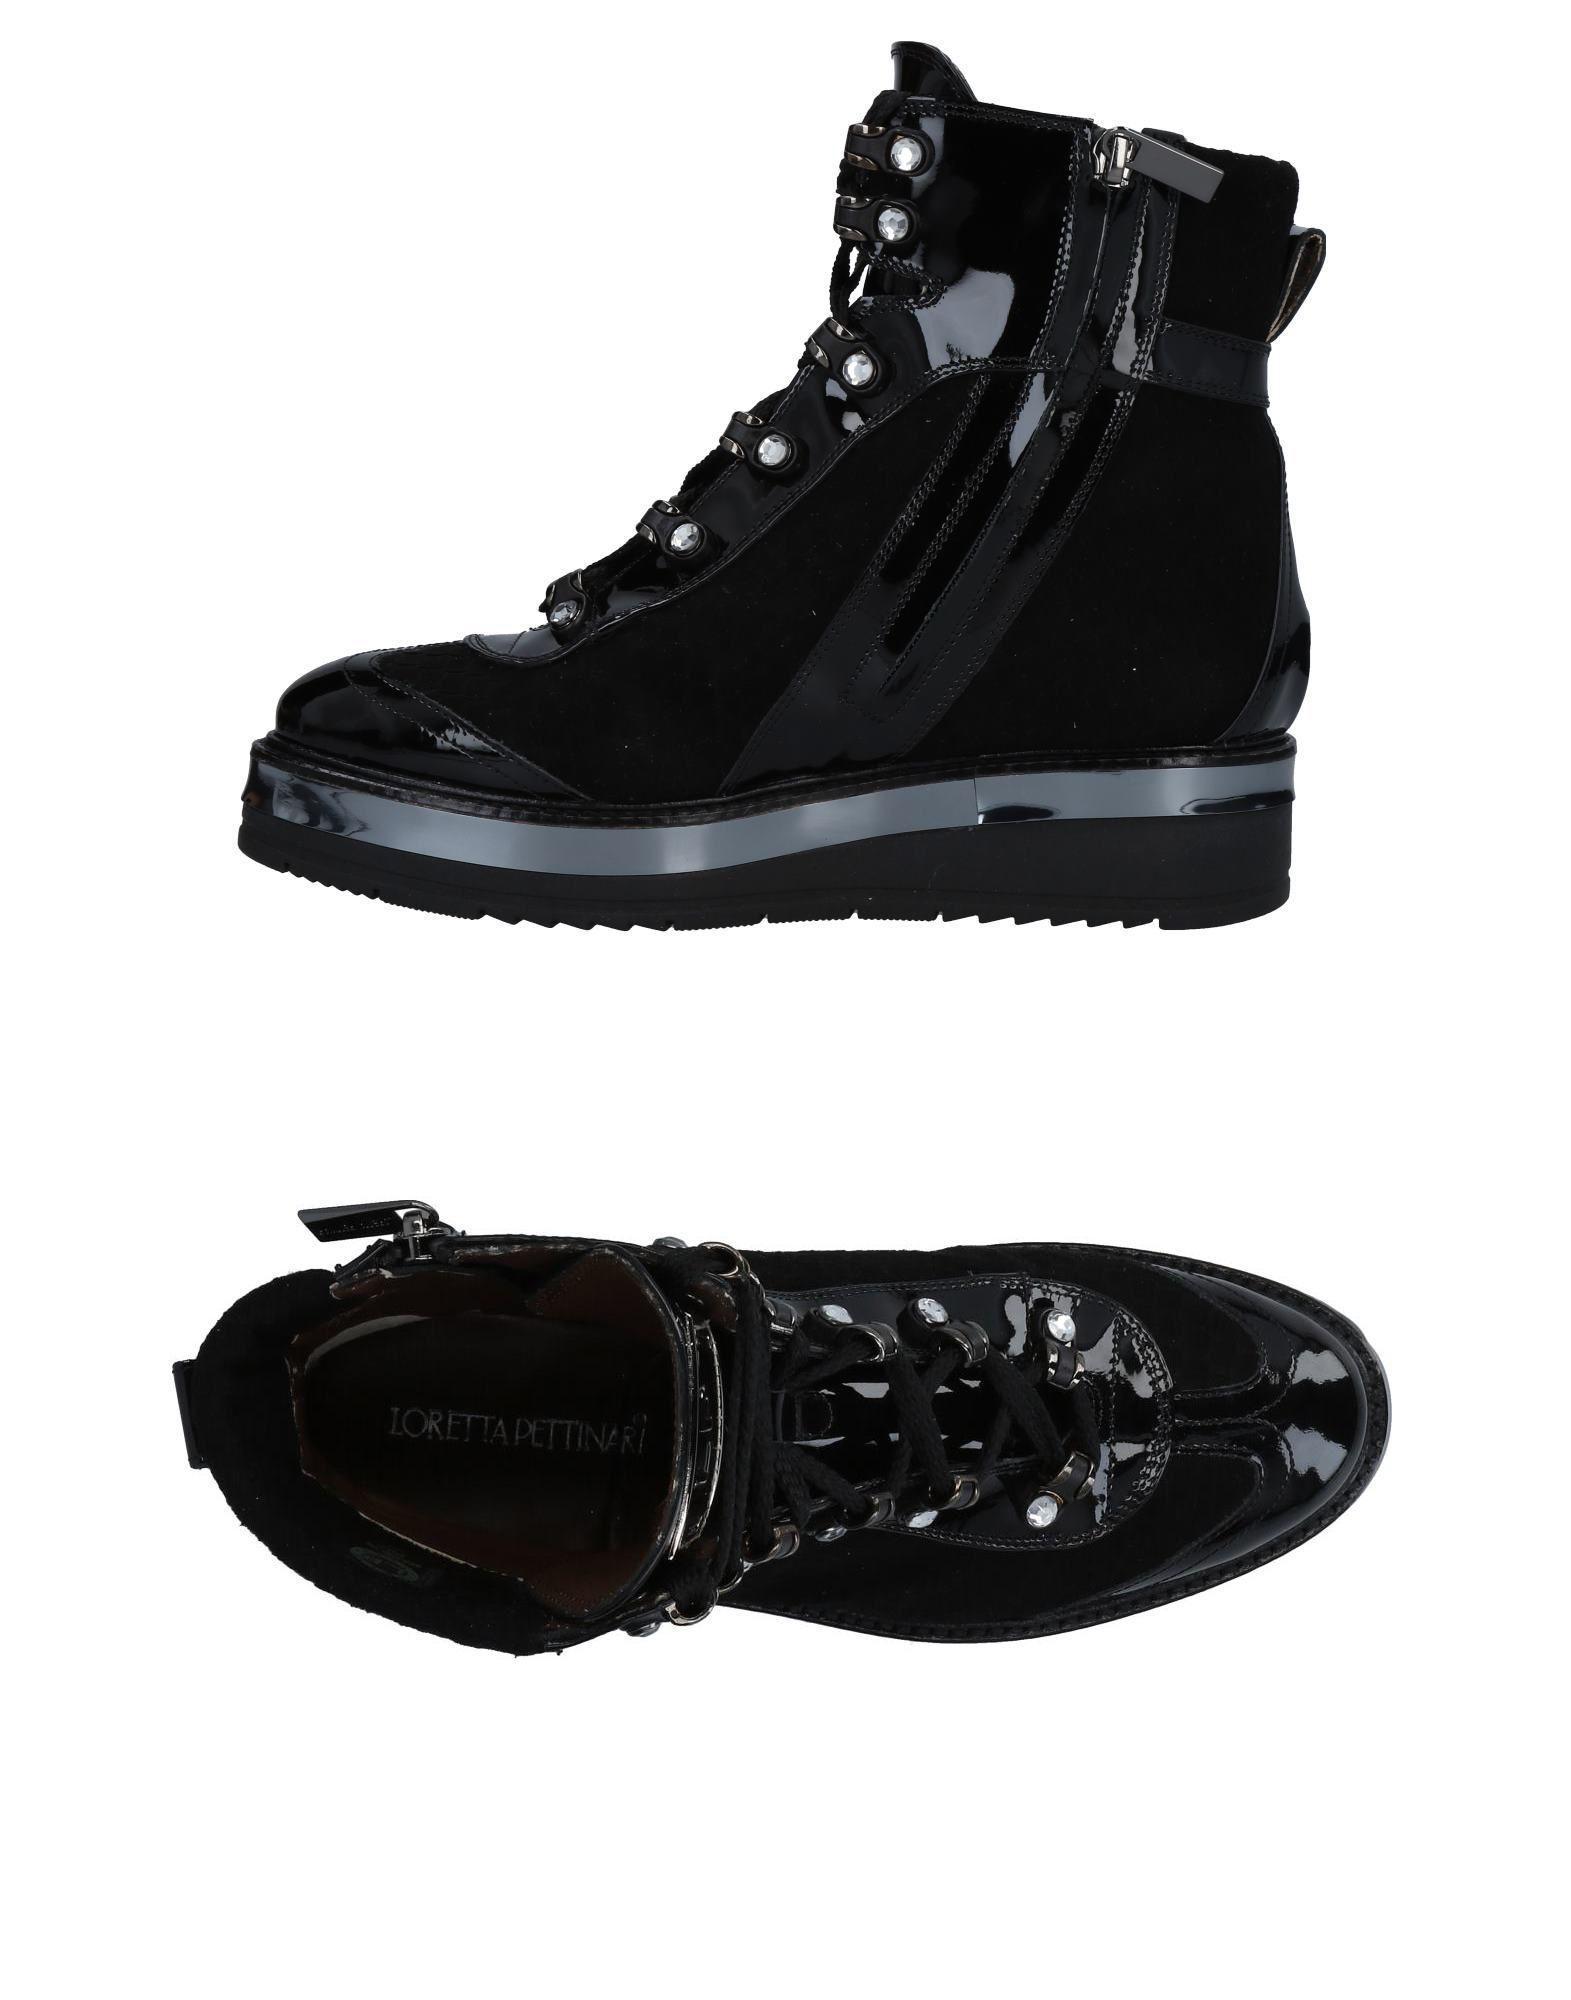 Loretta Pettinari High-tops Et Chaussures De Sport togxy2k7b